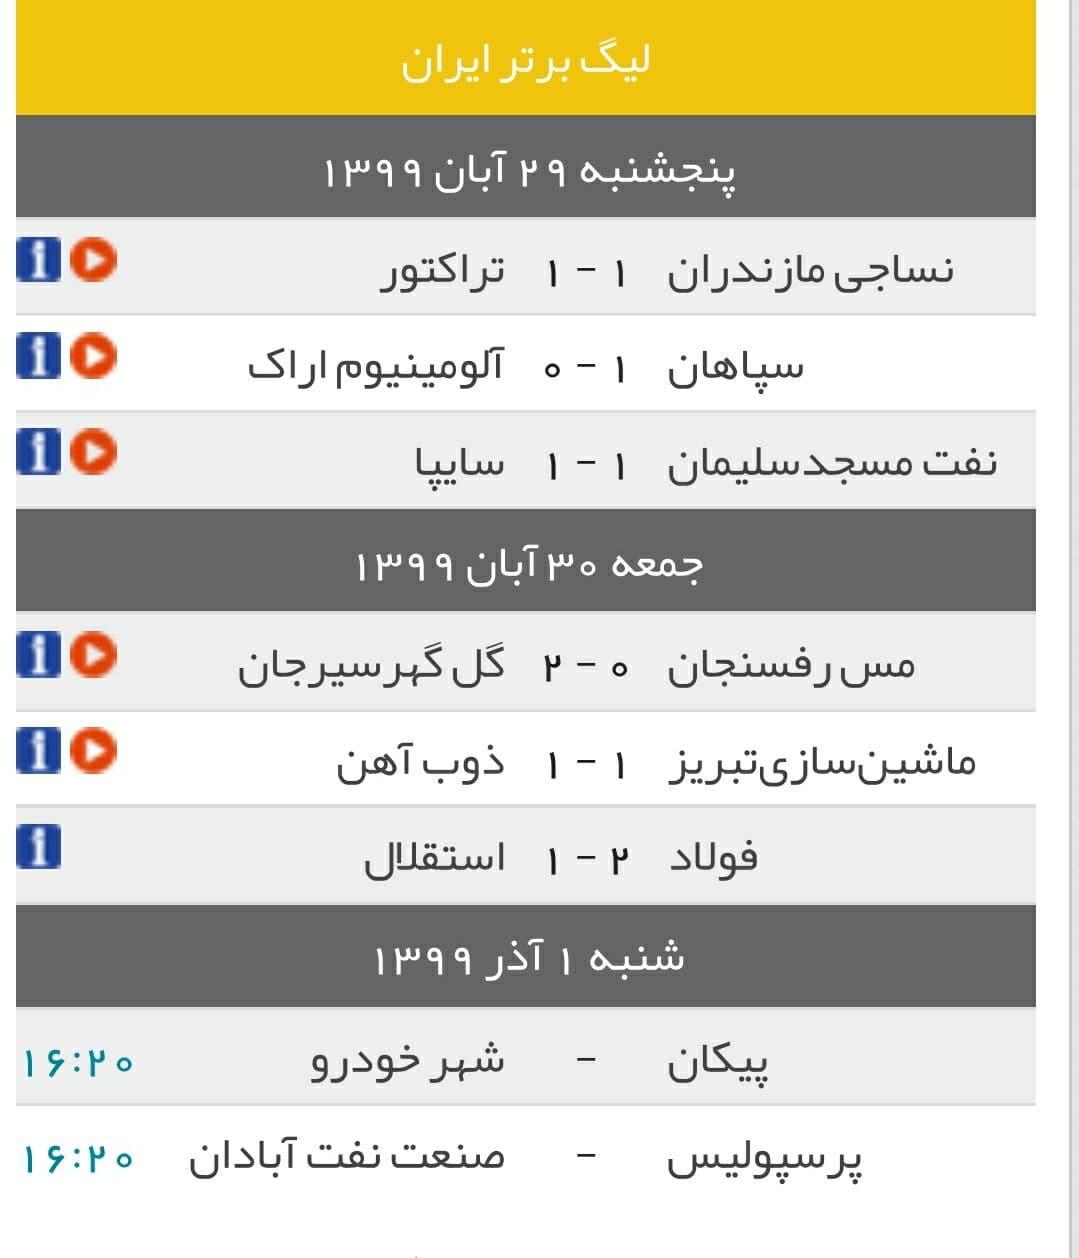 نتایج بازی های شب دوم از هفته دوم لیگ برتر فوتبال کشور